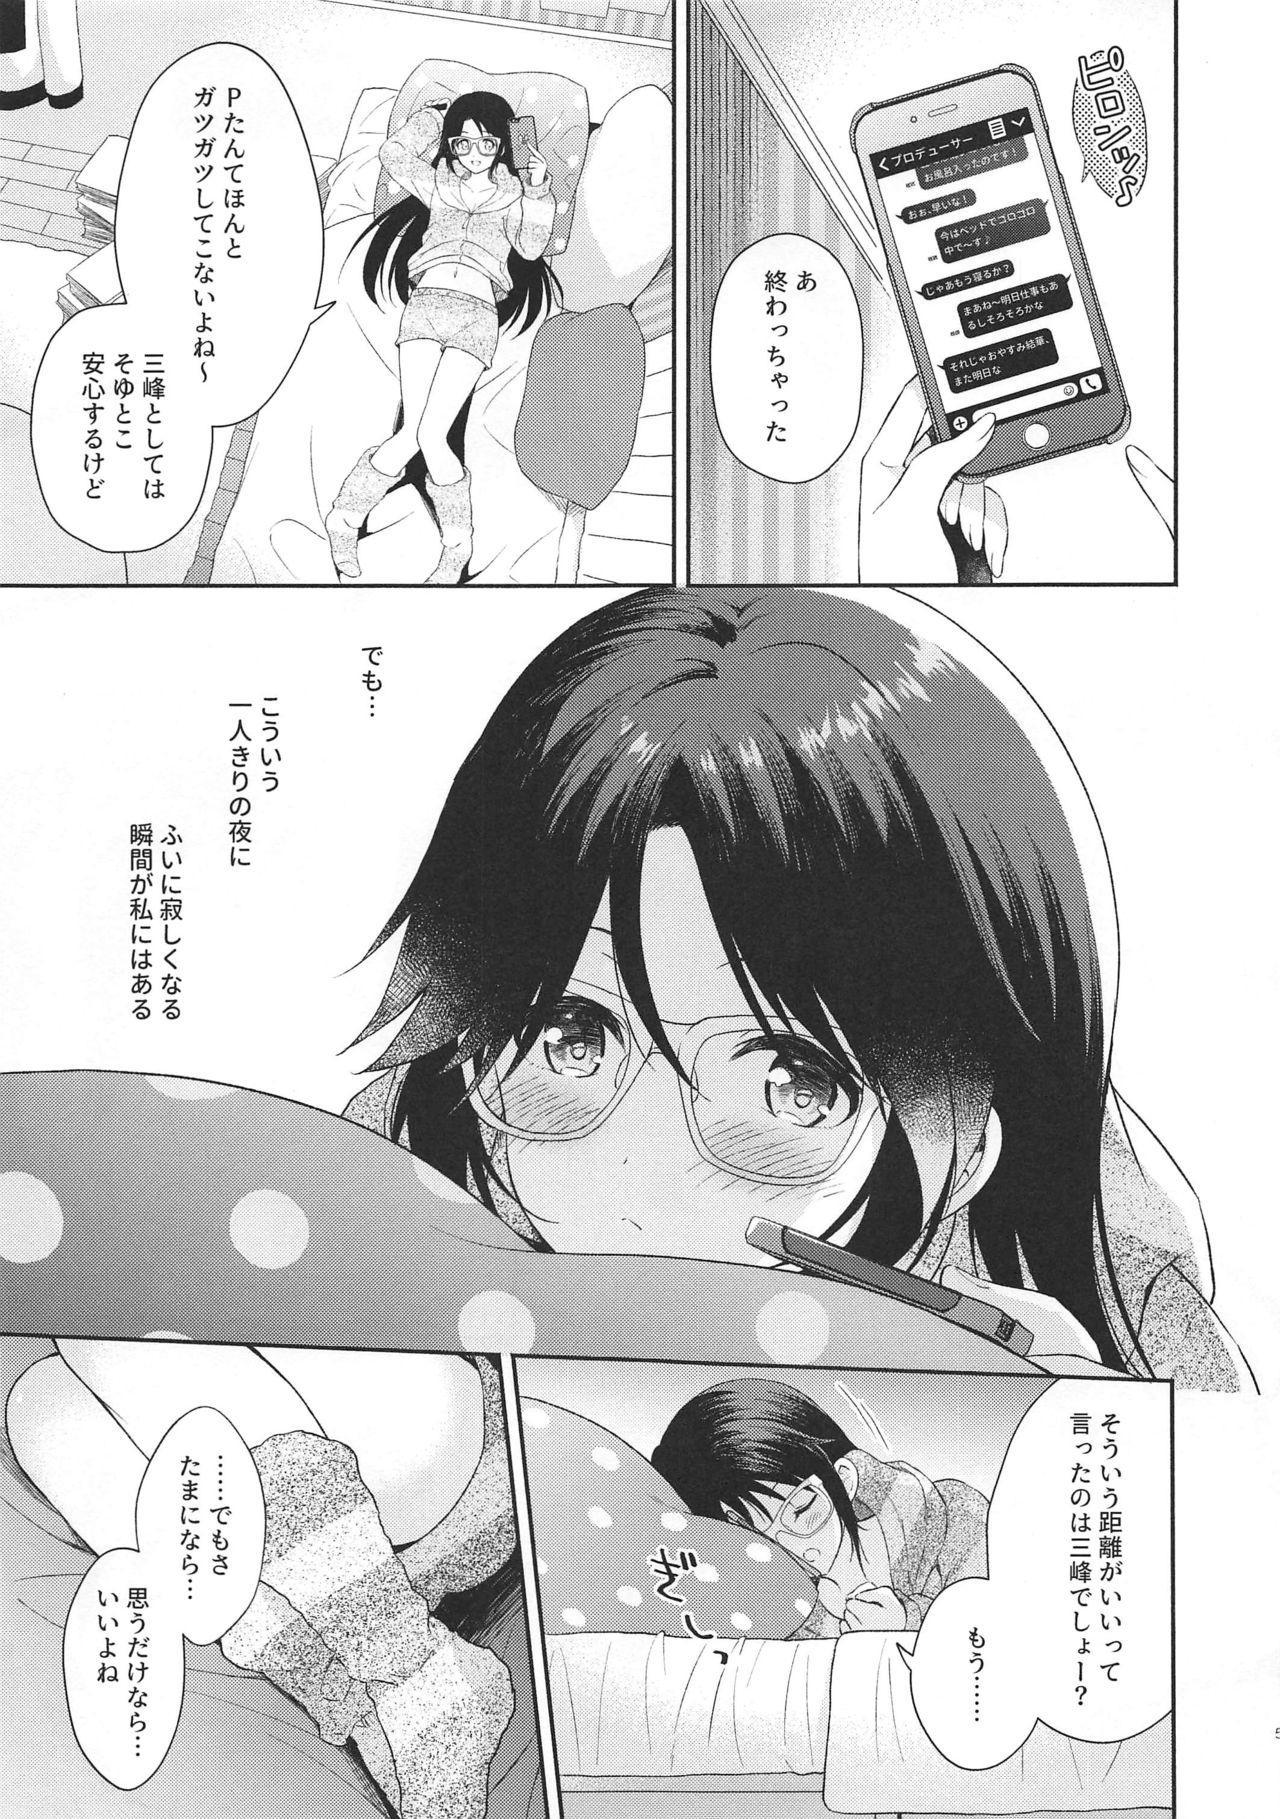 Mitsumine daydream 3